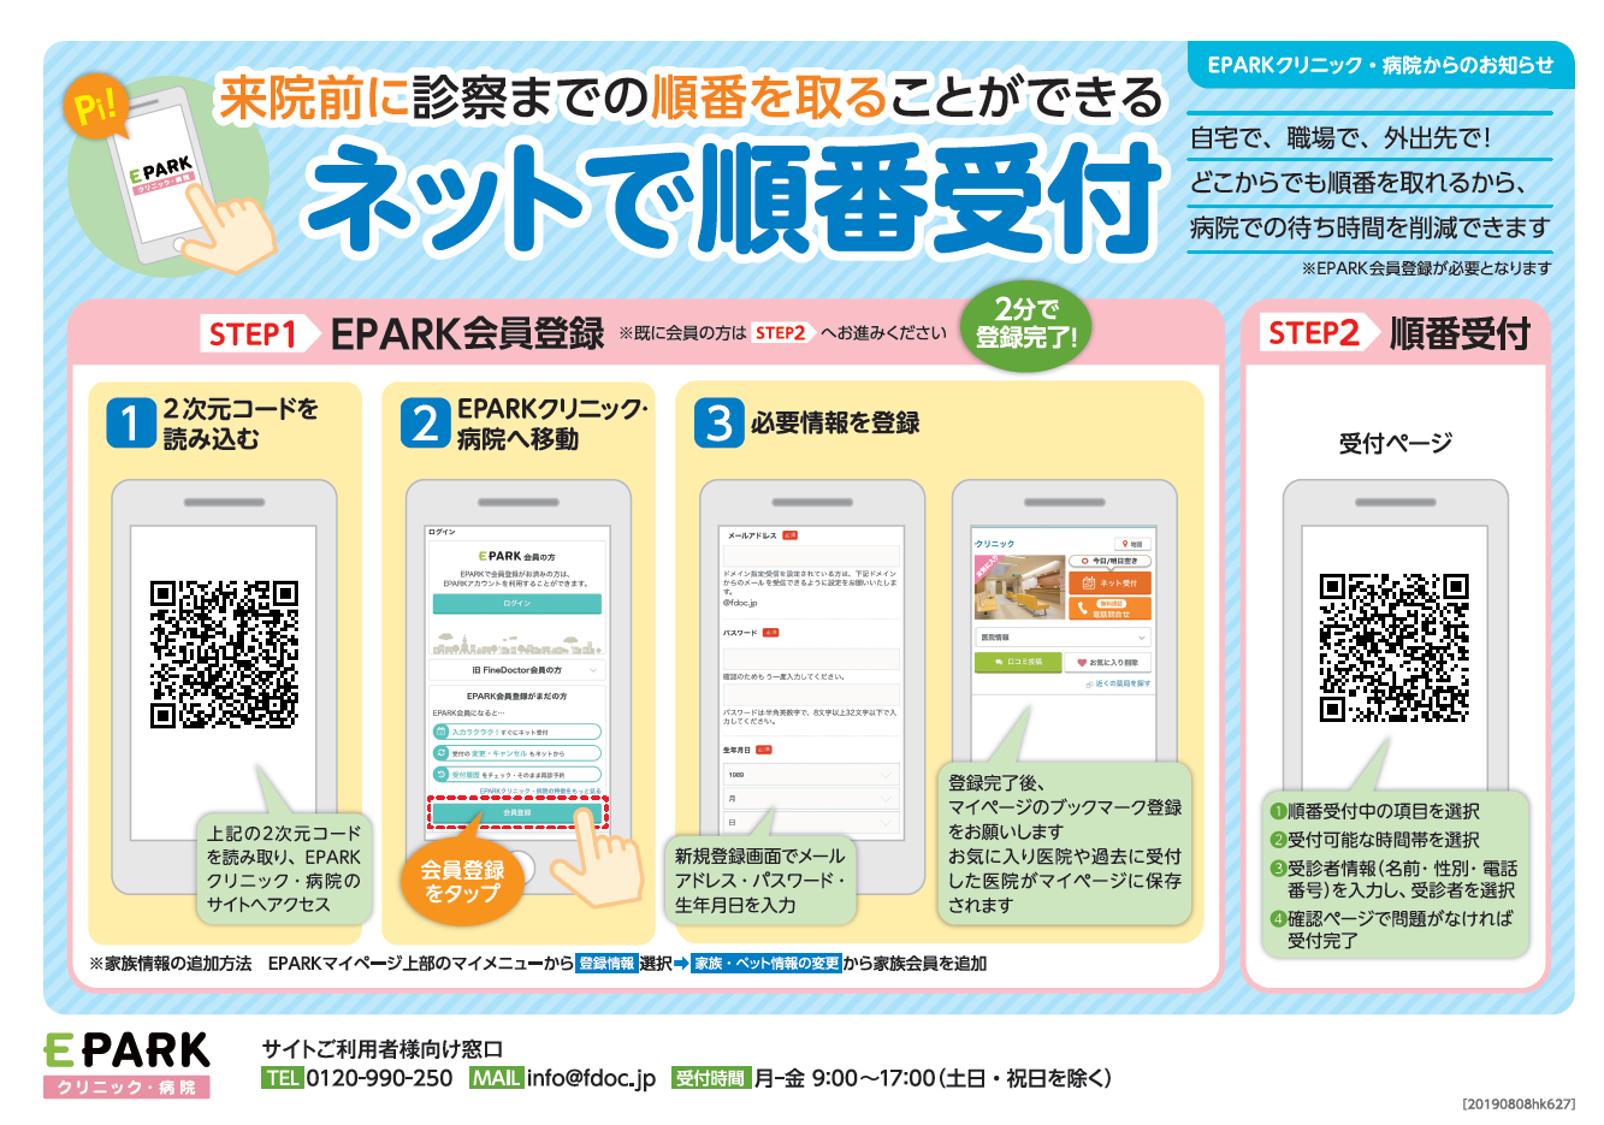 http://hideseikei.com/EPARK%E3%83%91%E3%83%B3%E3%83%95.png